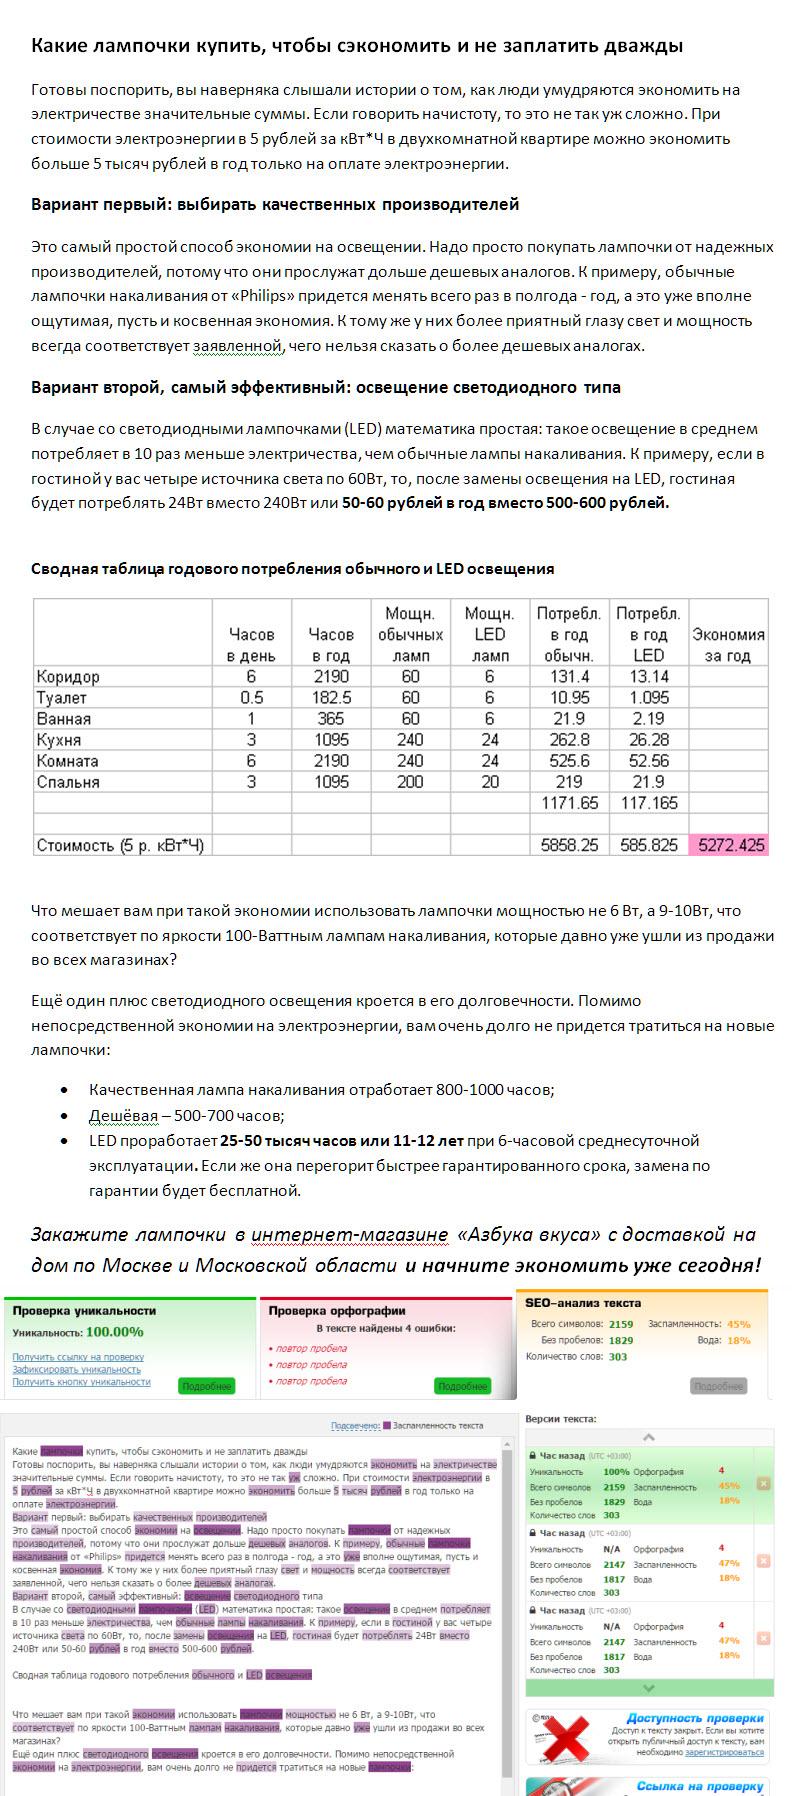 Написание рекламных текстов с соблюдением сео-требований фото f_56158f78cc797b52.jpg